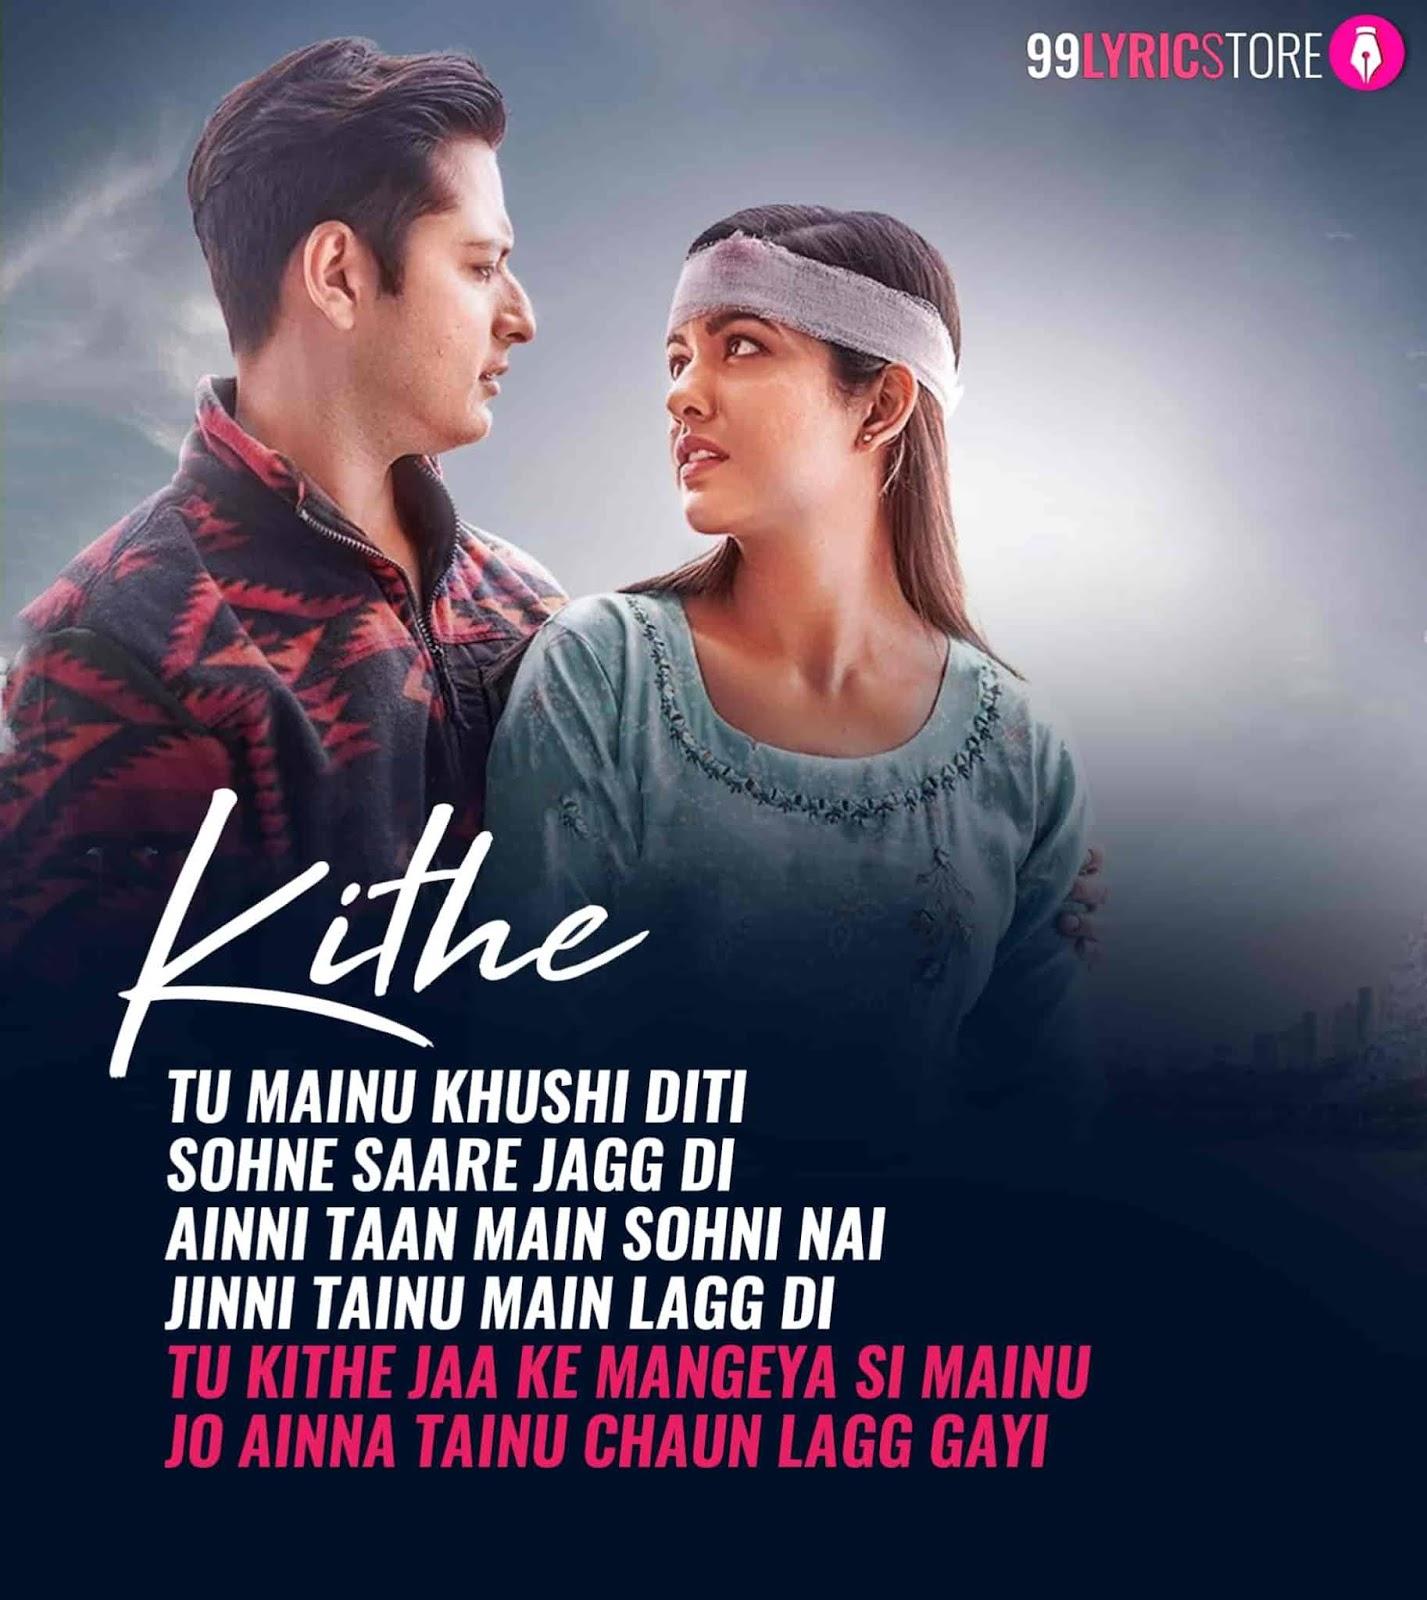 Kithe Sad Punjabi Song Image By Vishal Mishra